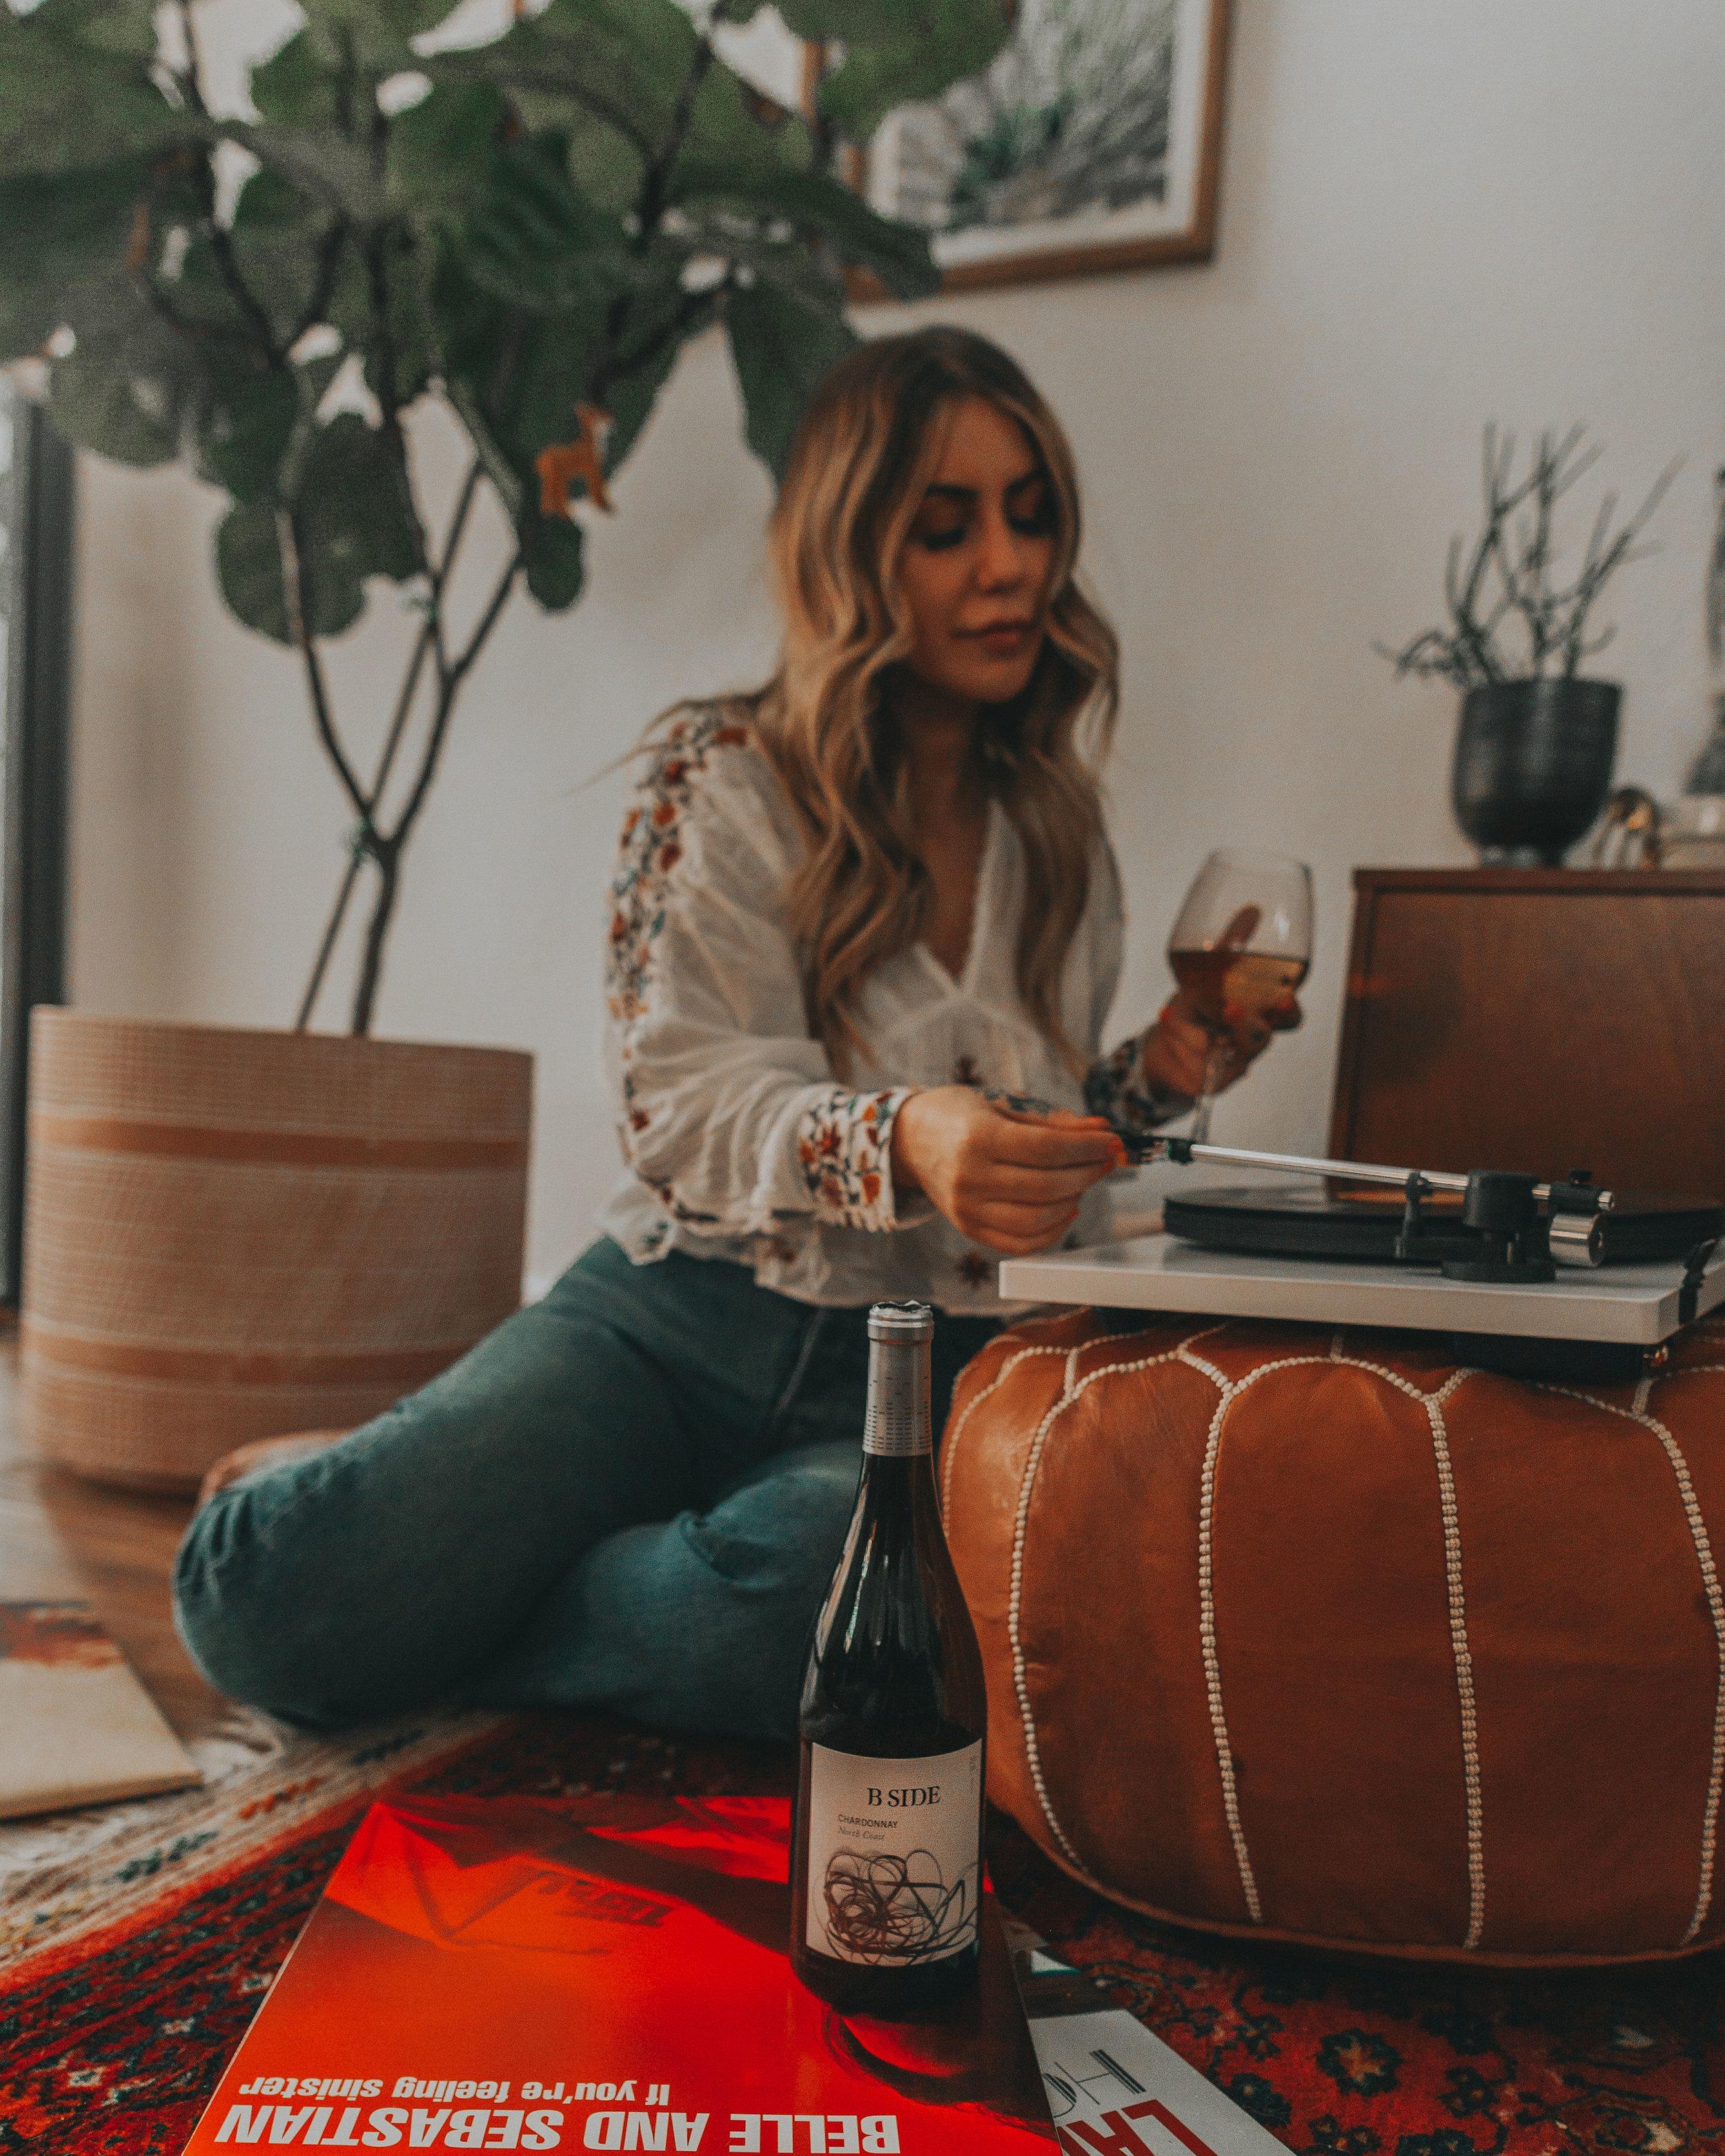 b-side-wines8